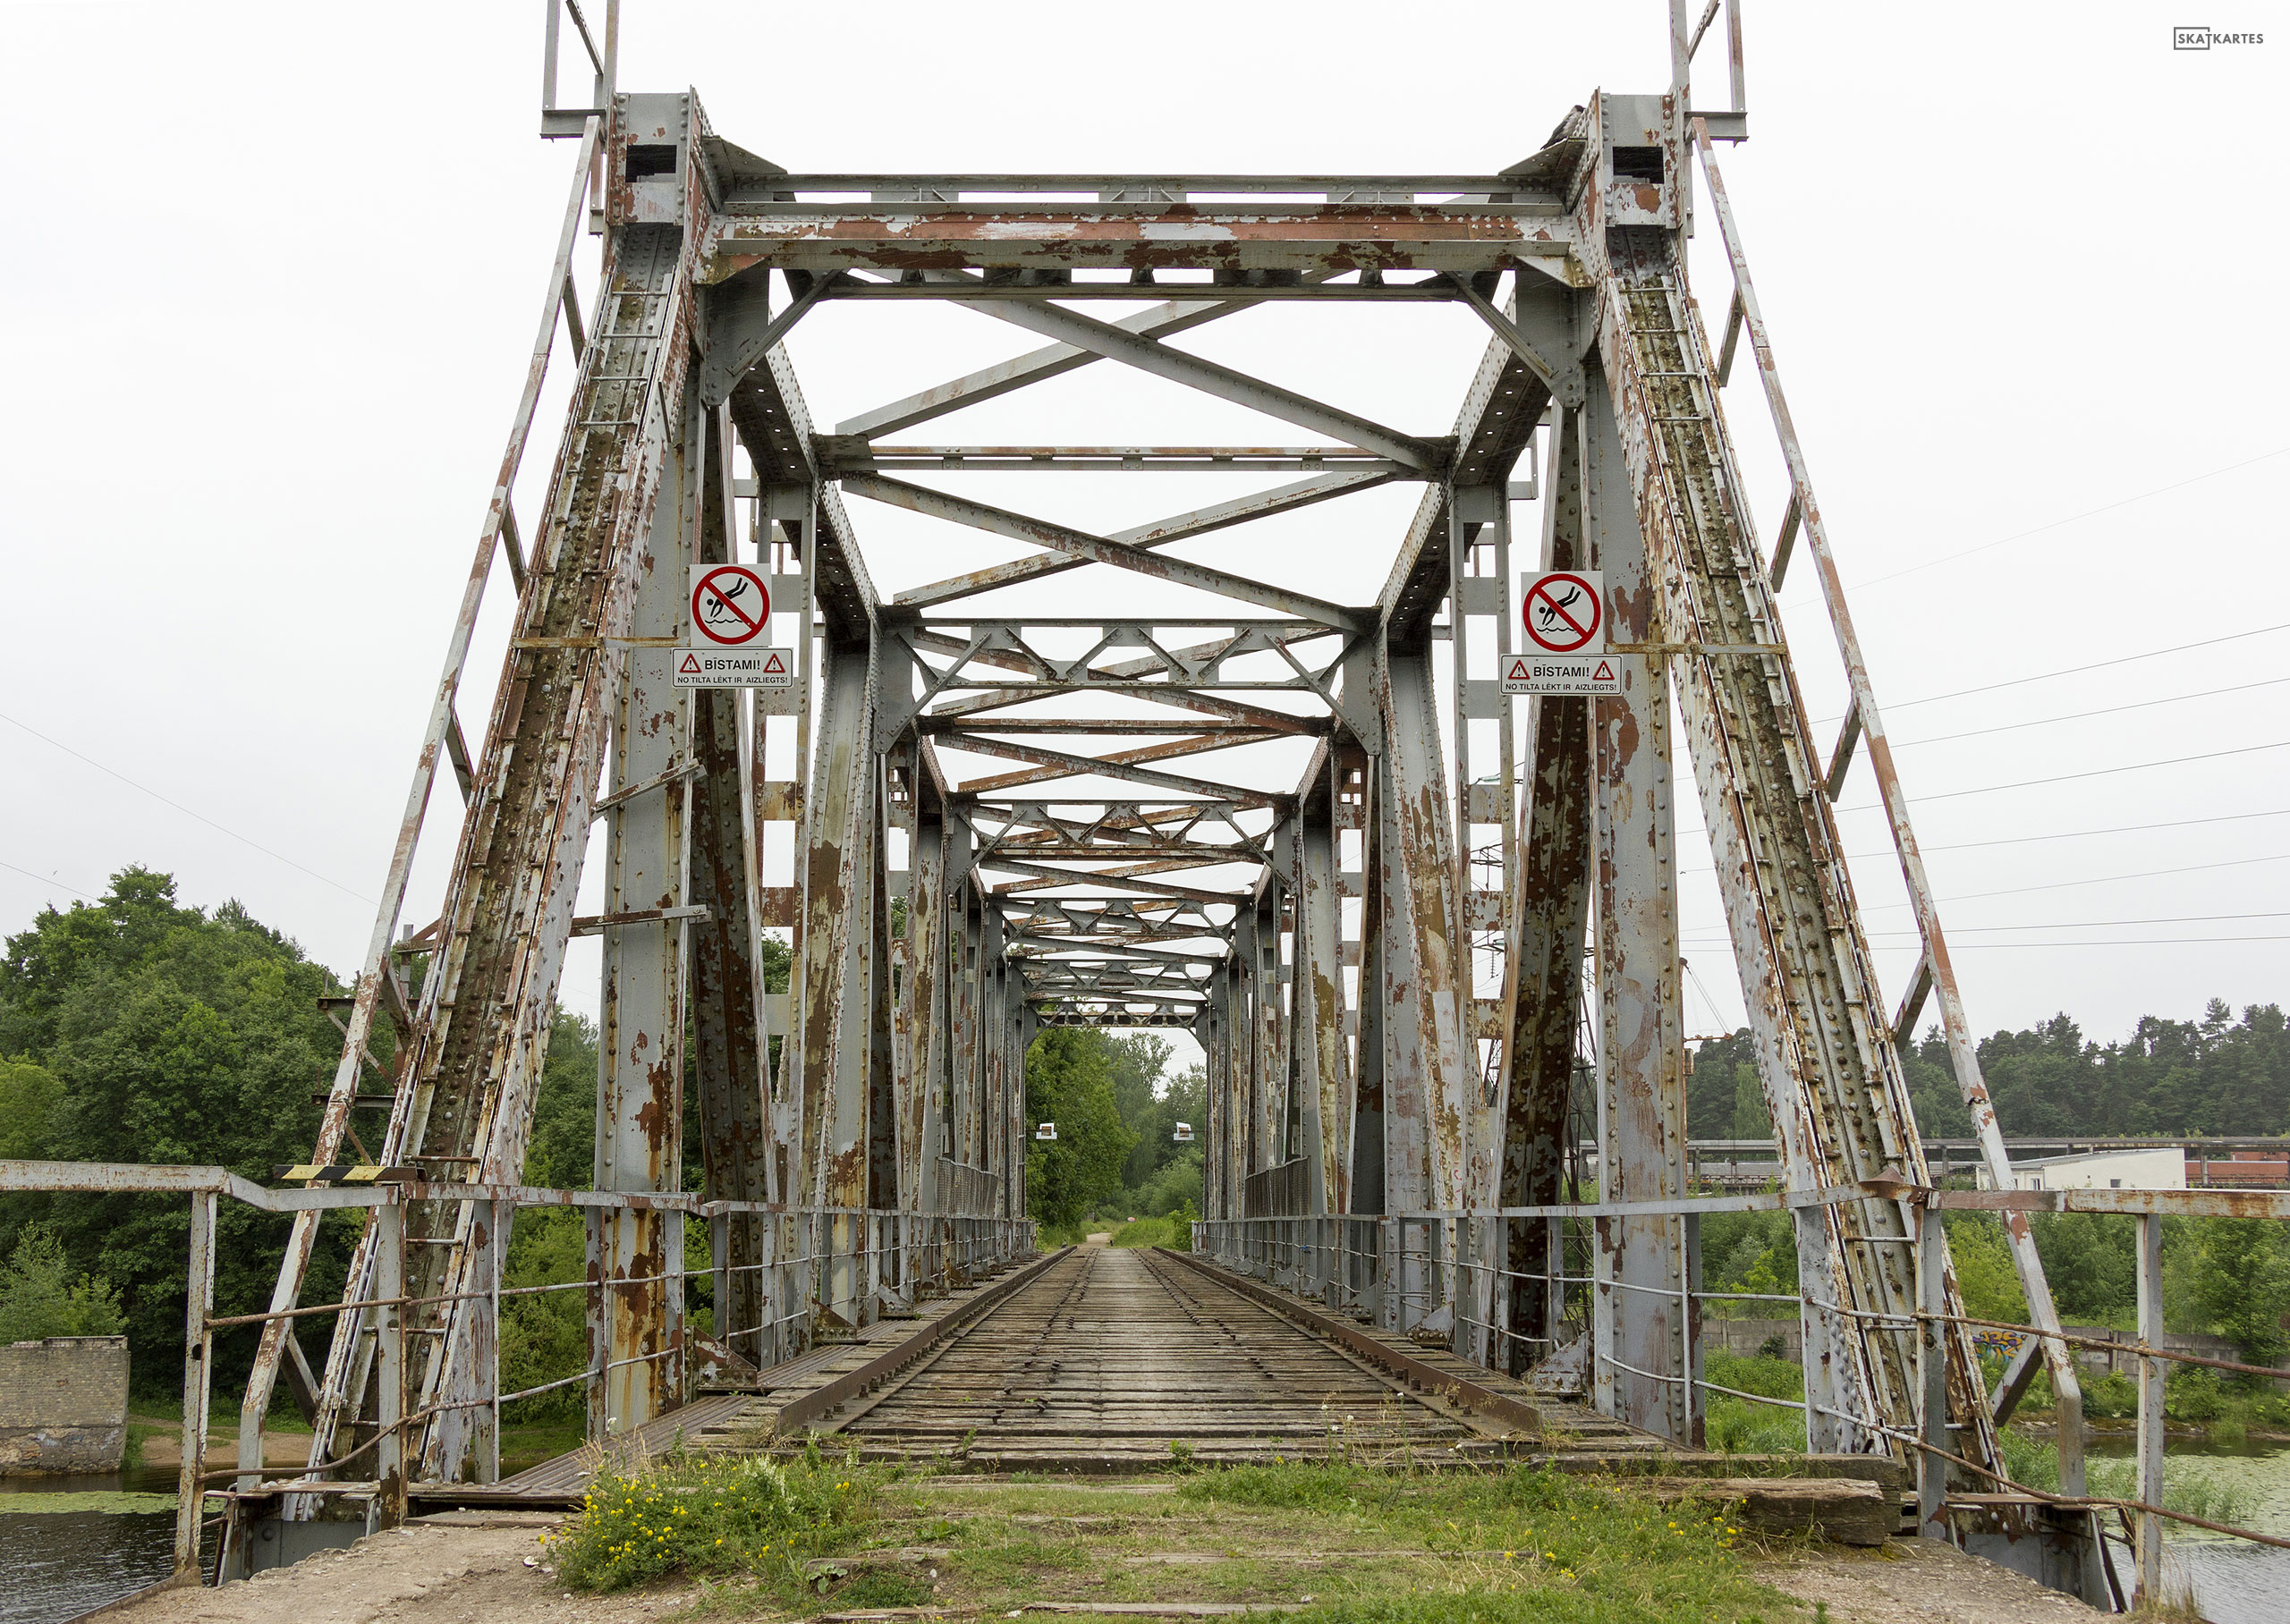 Skatkarte Nr. 1182 - Vecais, pamestais Juglas dzelzceļa tilts (2015. gada aprīlis).